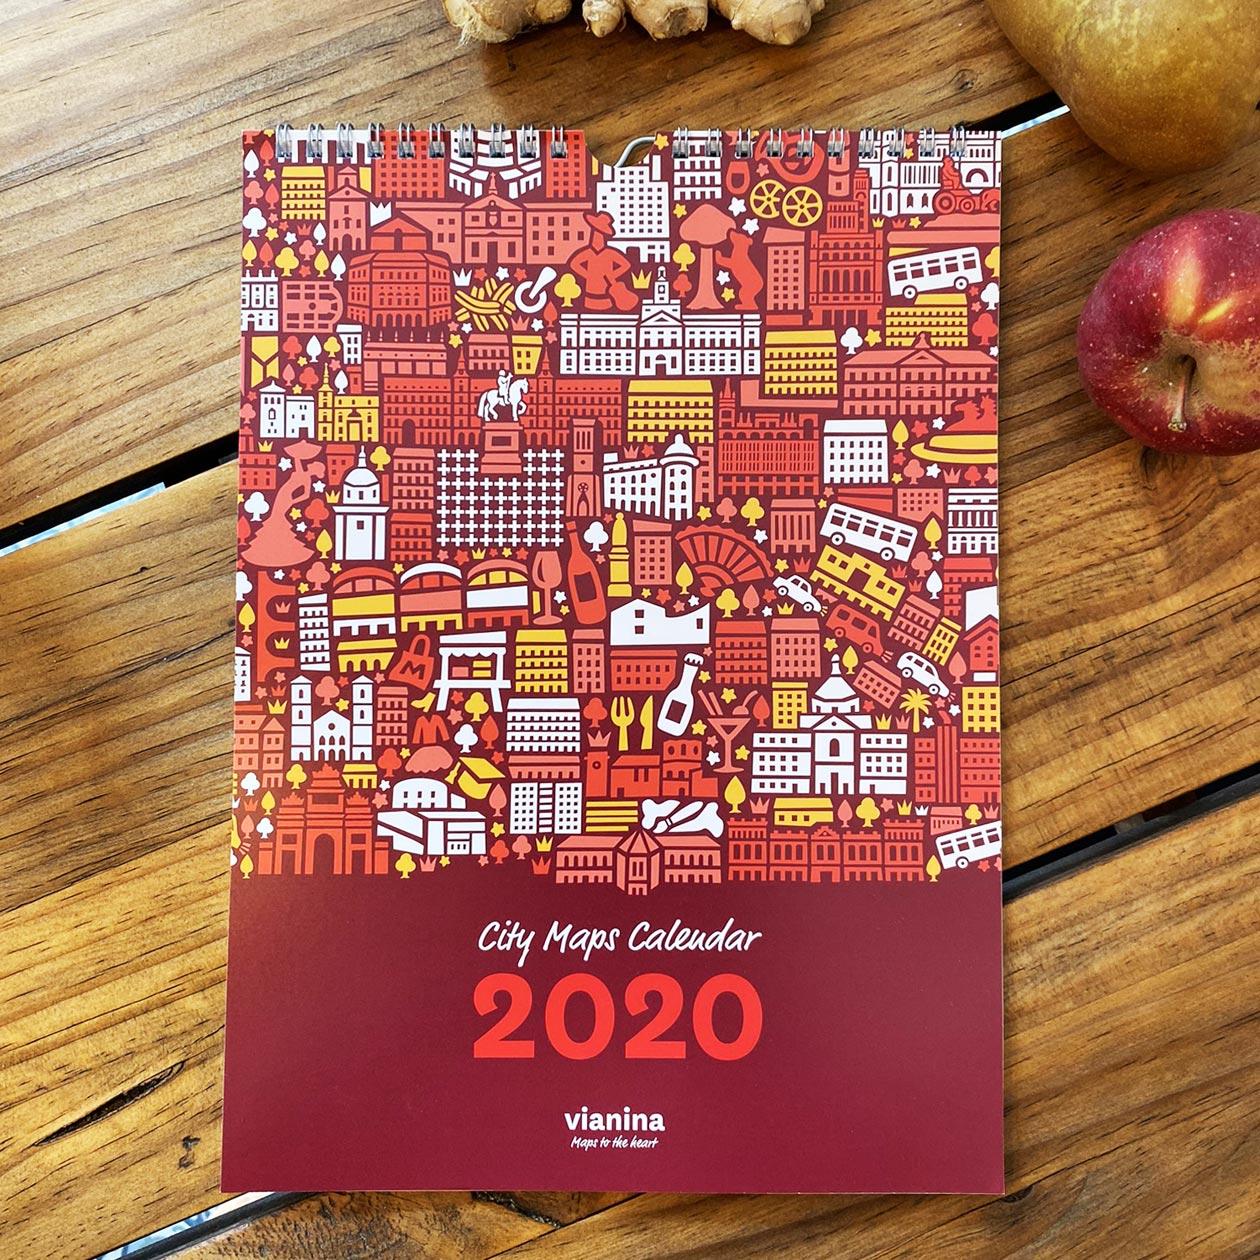 Vianina-Stadtplan-Kalender-2020-3